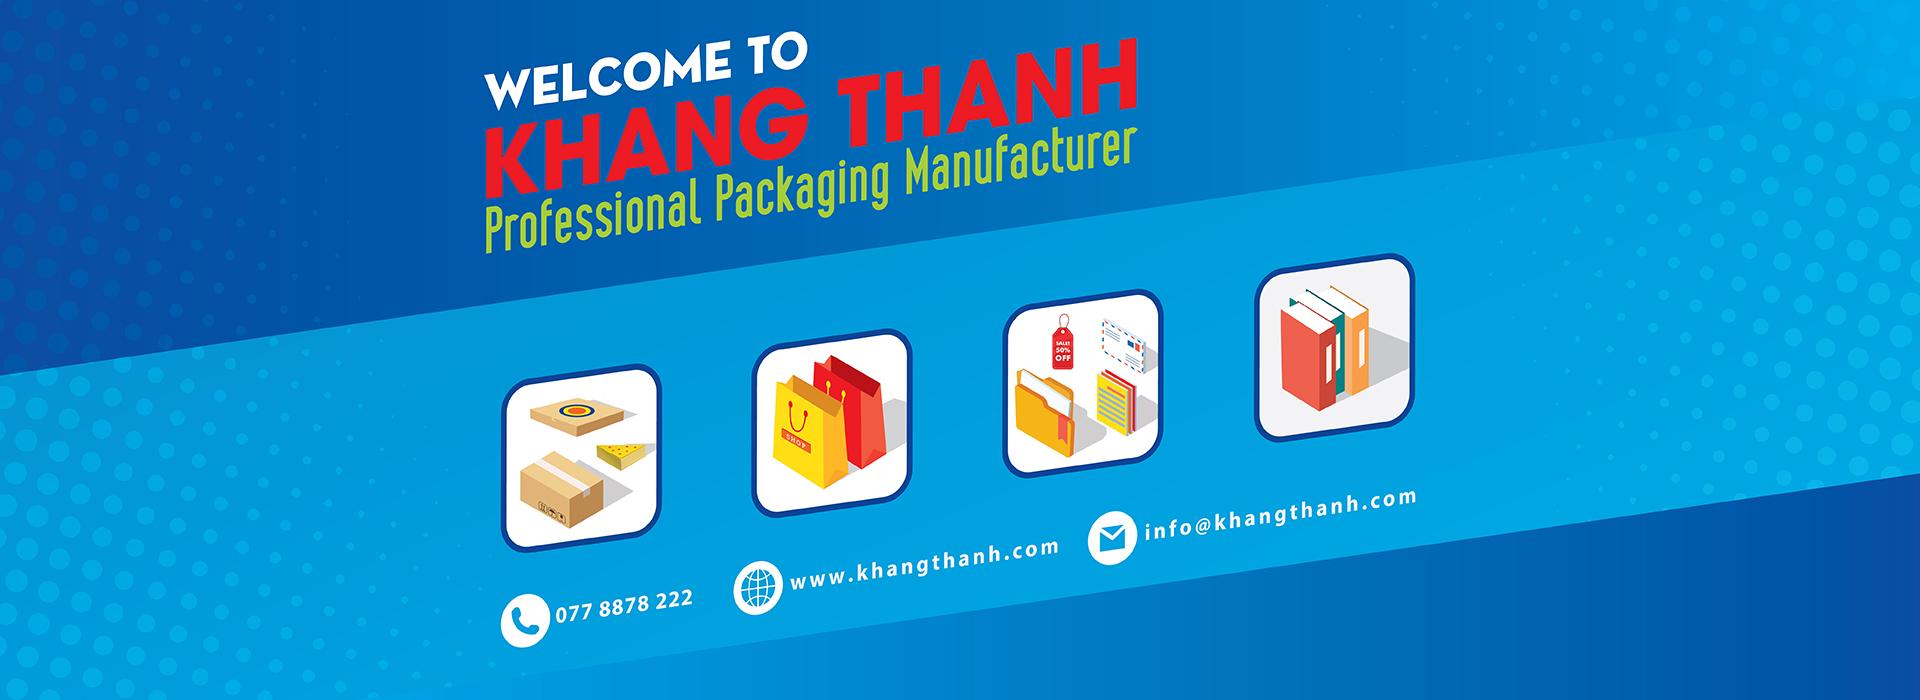 Vietnam packaging slide 1